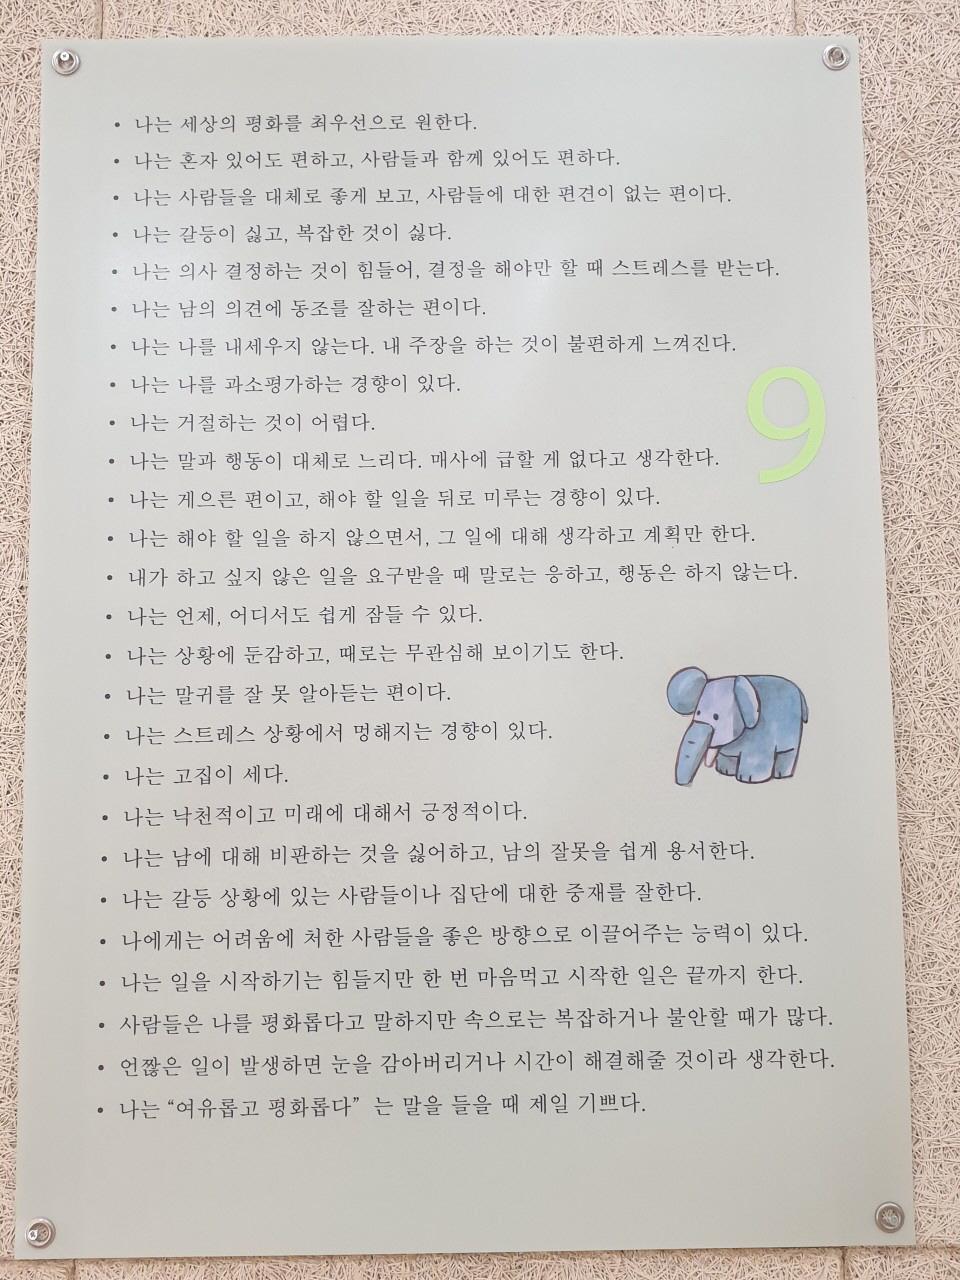 [꾸미기]홍천연기캠프_내이야기#통일-전체 사진-33386761730.jpg